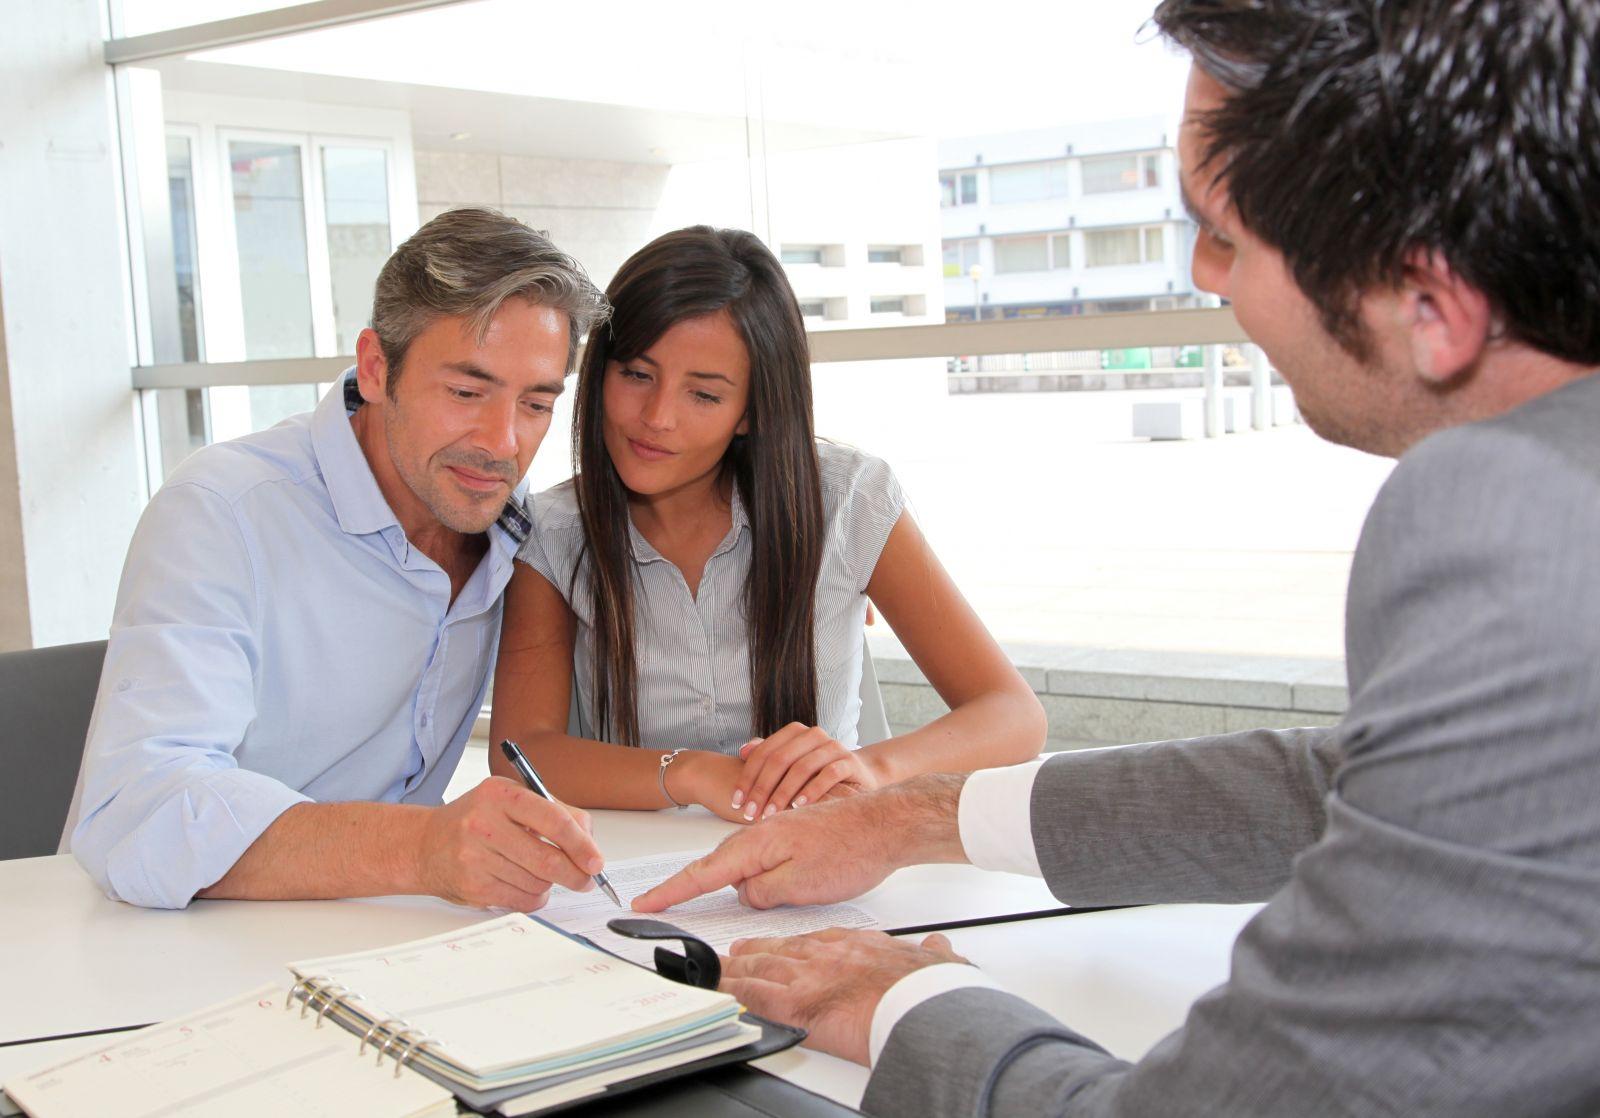 Пара подписывает договор в месте, на которое указывает менеджер